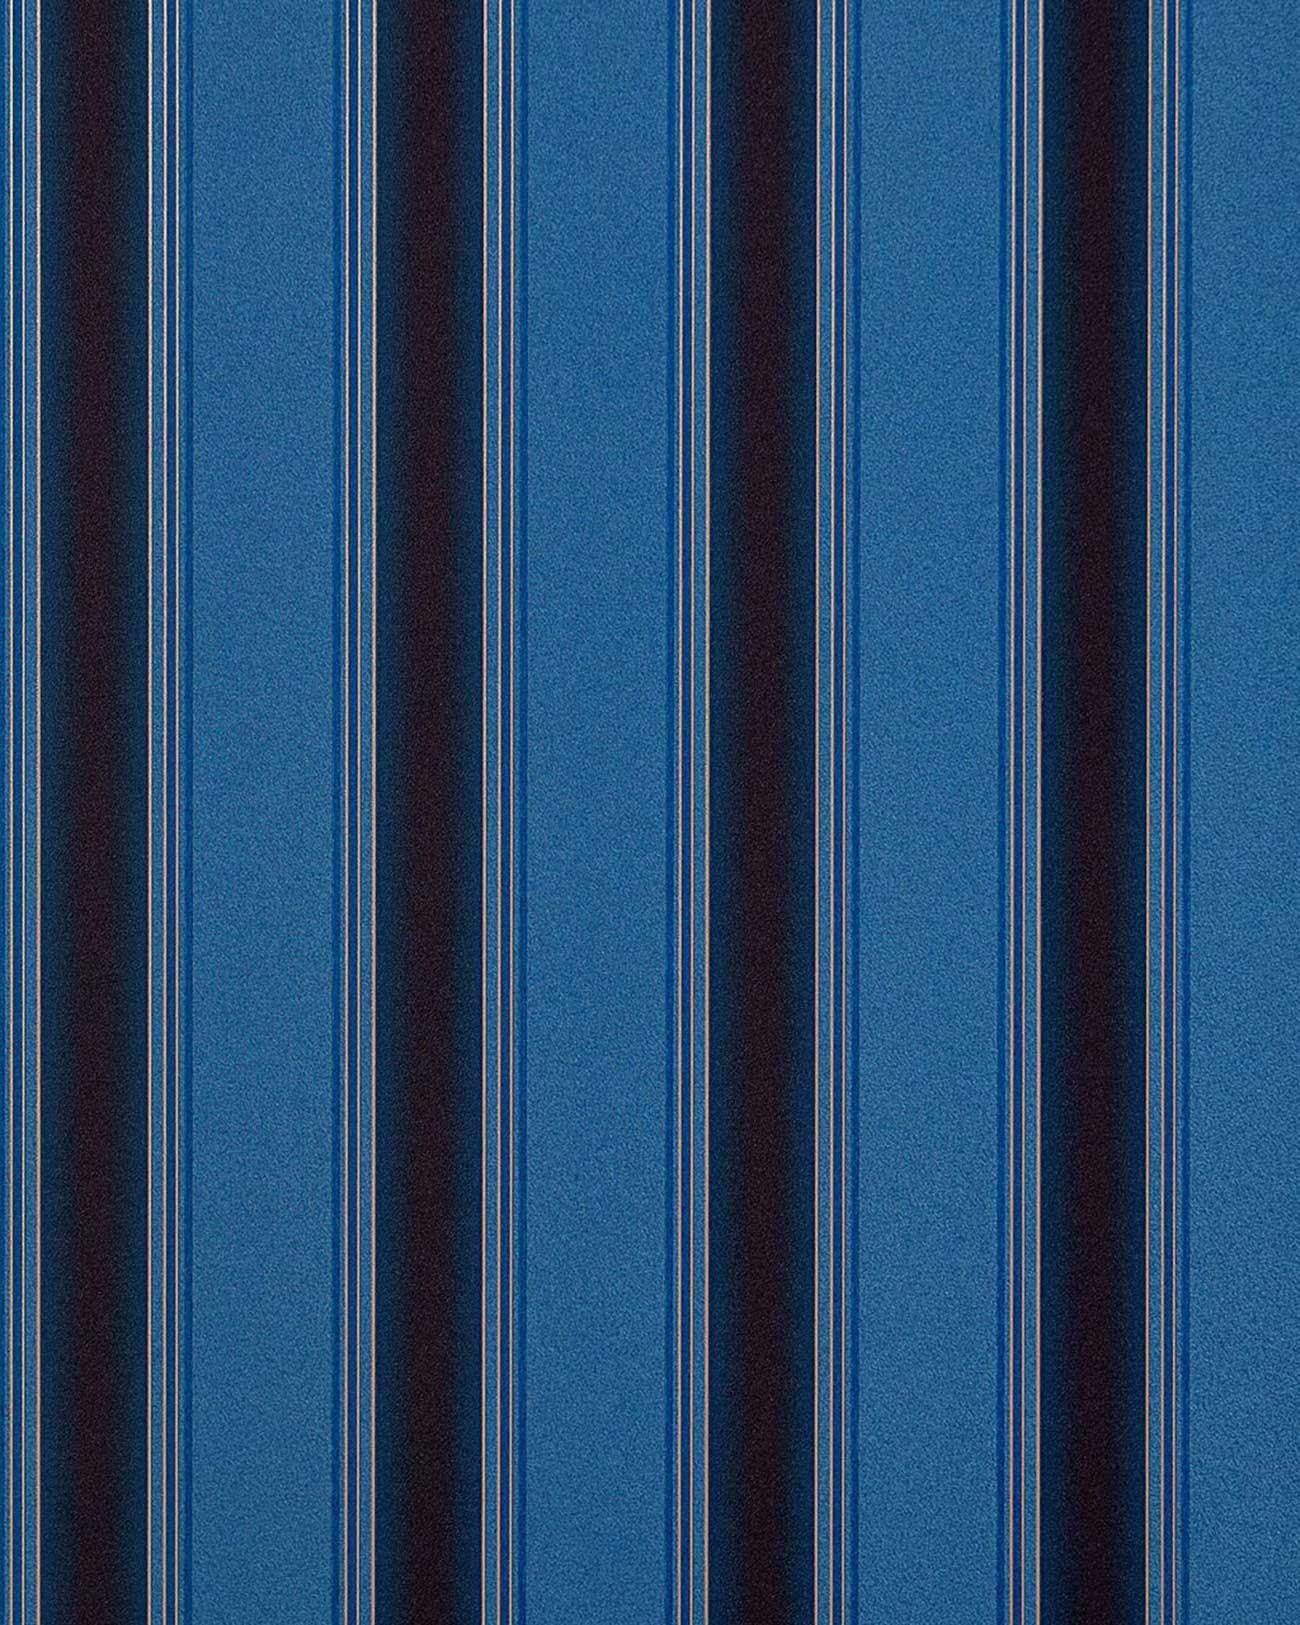 papier peint ray en relief opulence baroque edem 827 24 bleu clair bleu brun gris argent 70 cm. Black Bedroom Furniture Sets. Home Design Ideas